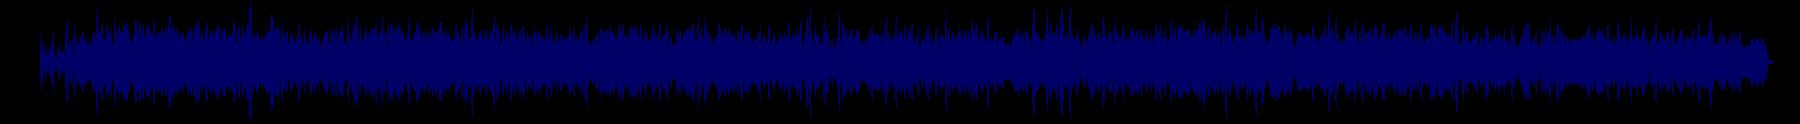 waveform of track #77310